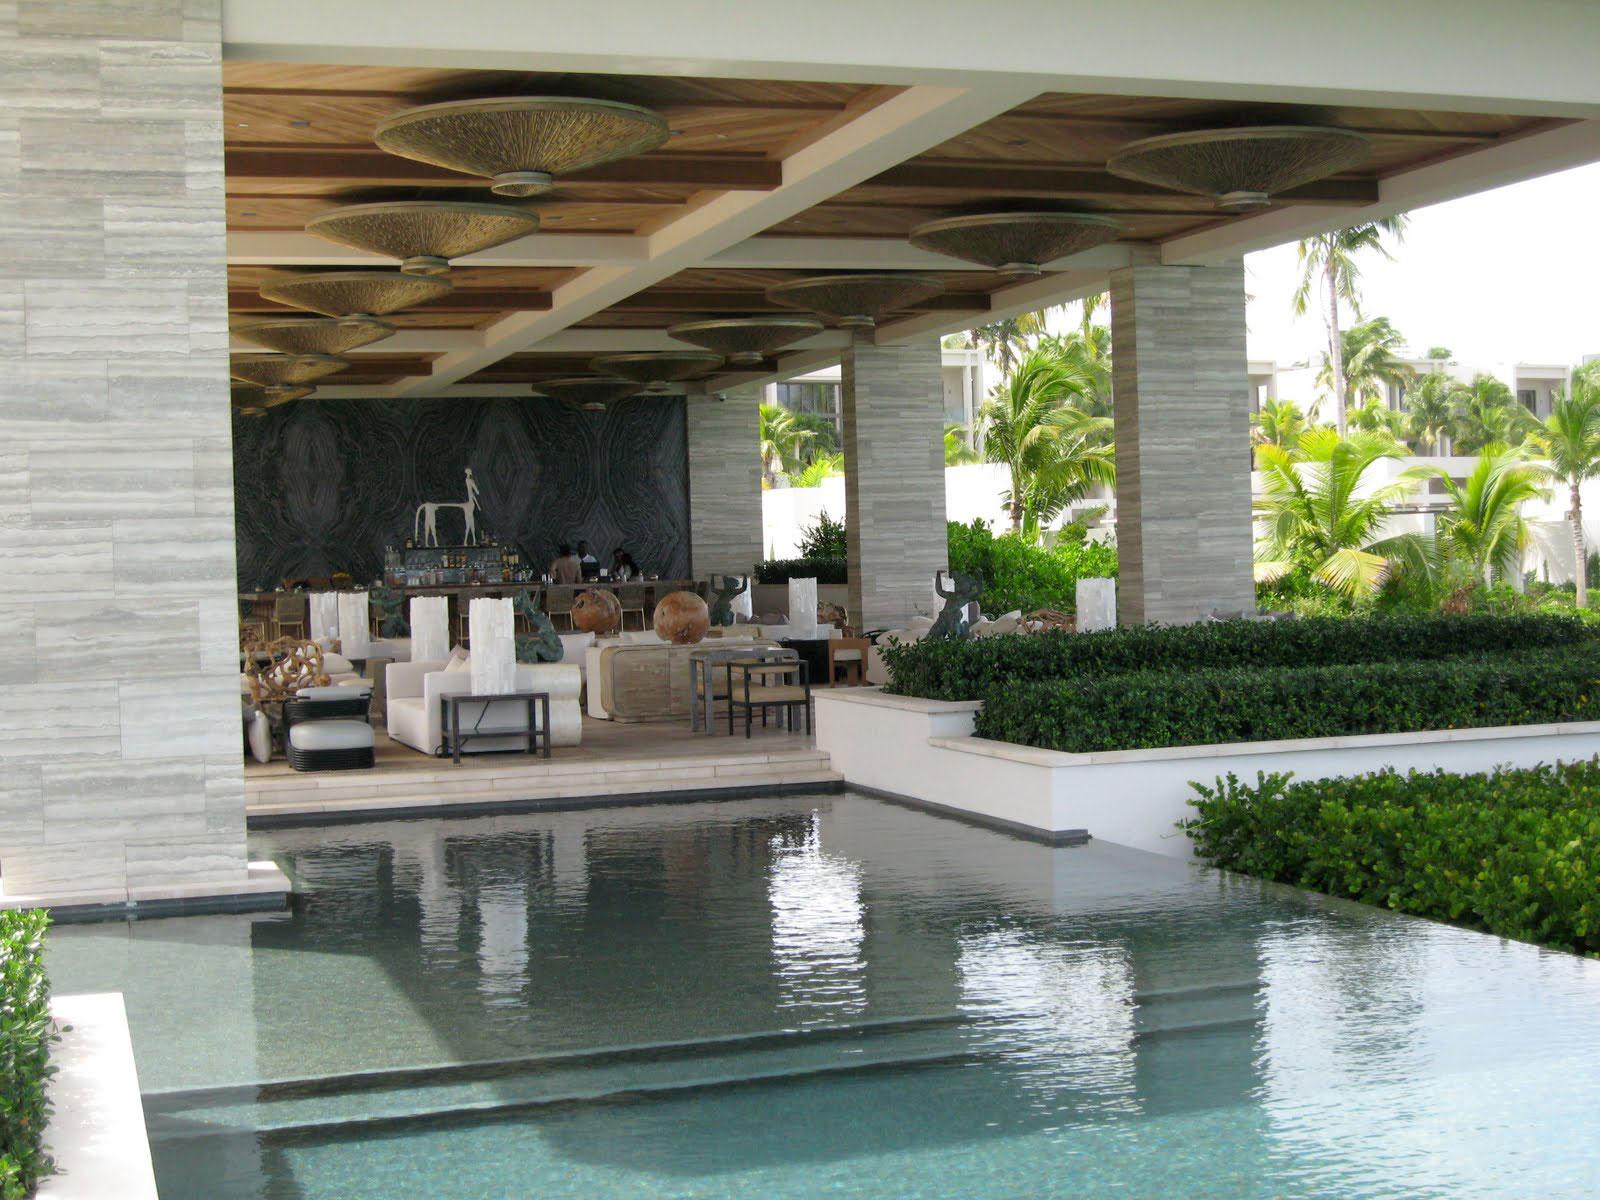 greats-resorts-good-looking-caribbean-resort-oceanfront-suite-caribbean-beach-resort-queen-beds-caribbean-beach-resort-quick-service-dining-disney-caribbean-beach-resort-queen-beds-caribbean-reso.jpg